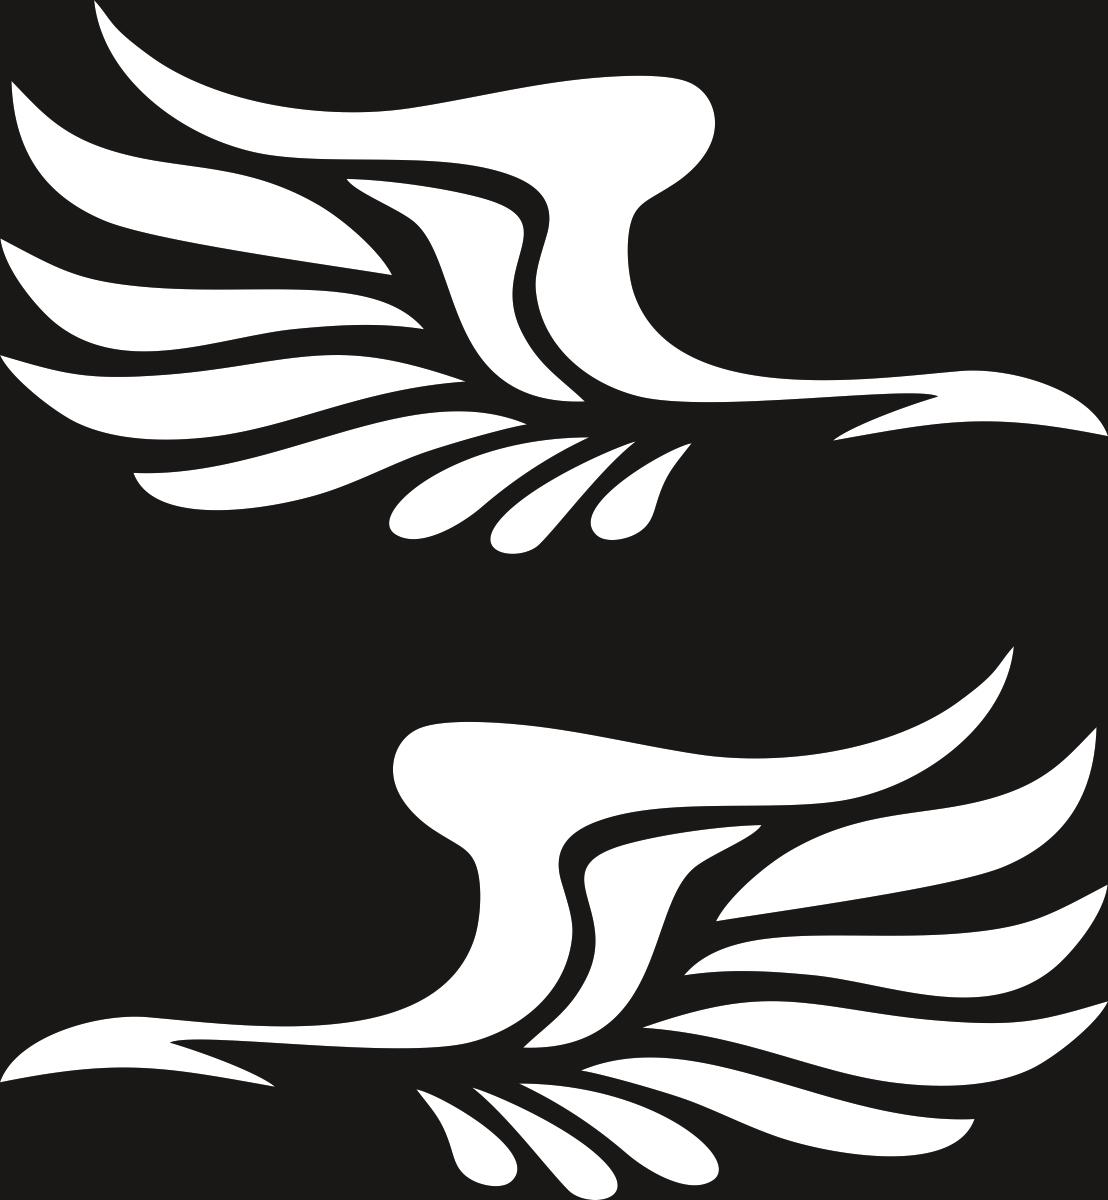 Наклейка автомобильная Оранжевый слоник Крылья, виниловая, цвет: белыйВетерок 2ГФОригинальная наклейка Оранжевый слоник Крылья изготовлена из высококачественной виниловой пленки, которая выполняет не только декоративную функцию, но и защищает кузов автомобиля от небольших механических повреждений, либо скрывает уже существующие.Виниловые наклейки на автомобиль - это не только красиво, но еще и быстро! Всего за несколько минут вы можете полностью преобразить свой автомобиль, сделать его ярким, необычным, особенным и неповторимым!